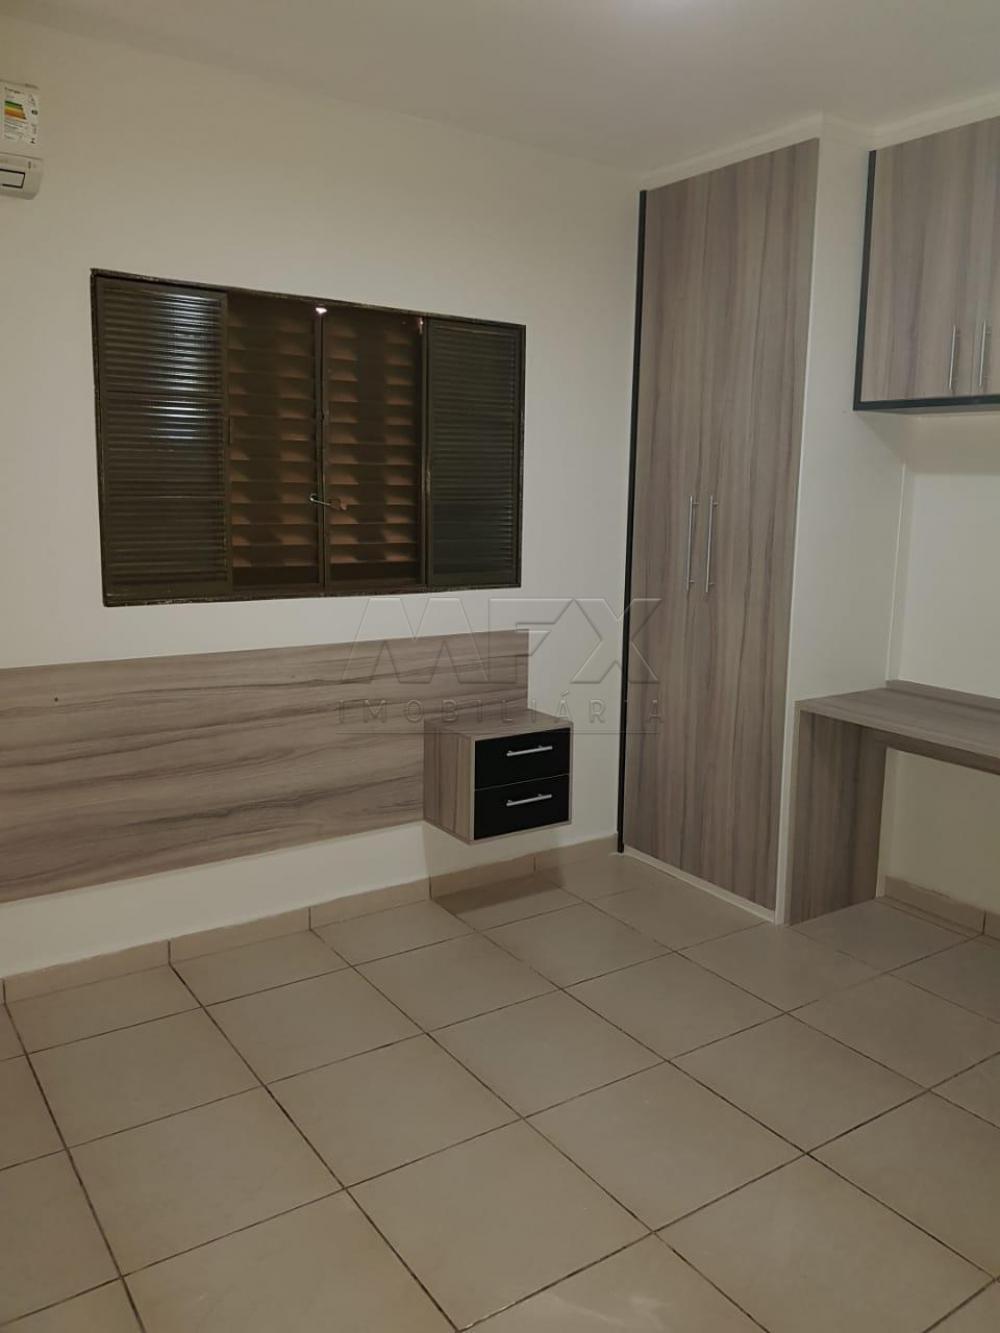 Comprar Casa / Padrão em Bauru apenas R$ 460.000,00 - Foto 2